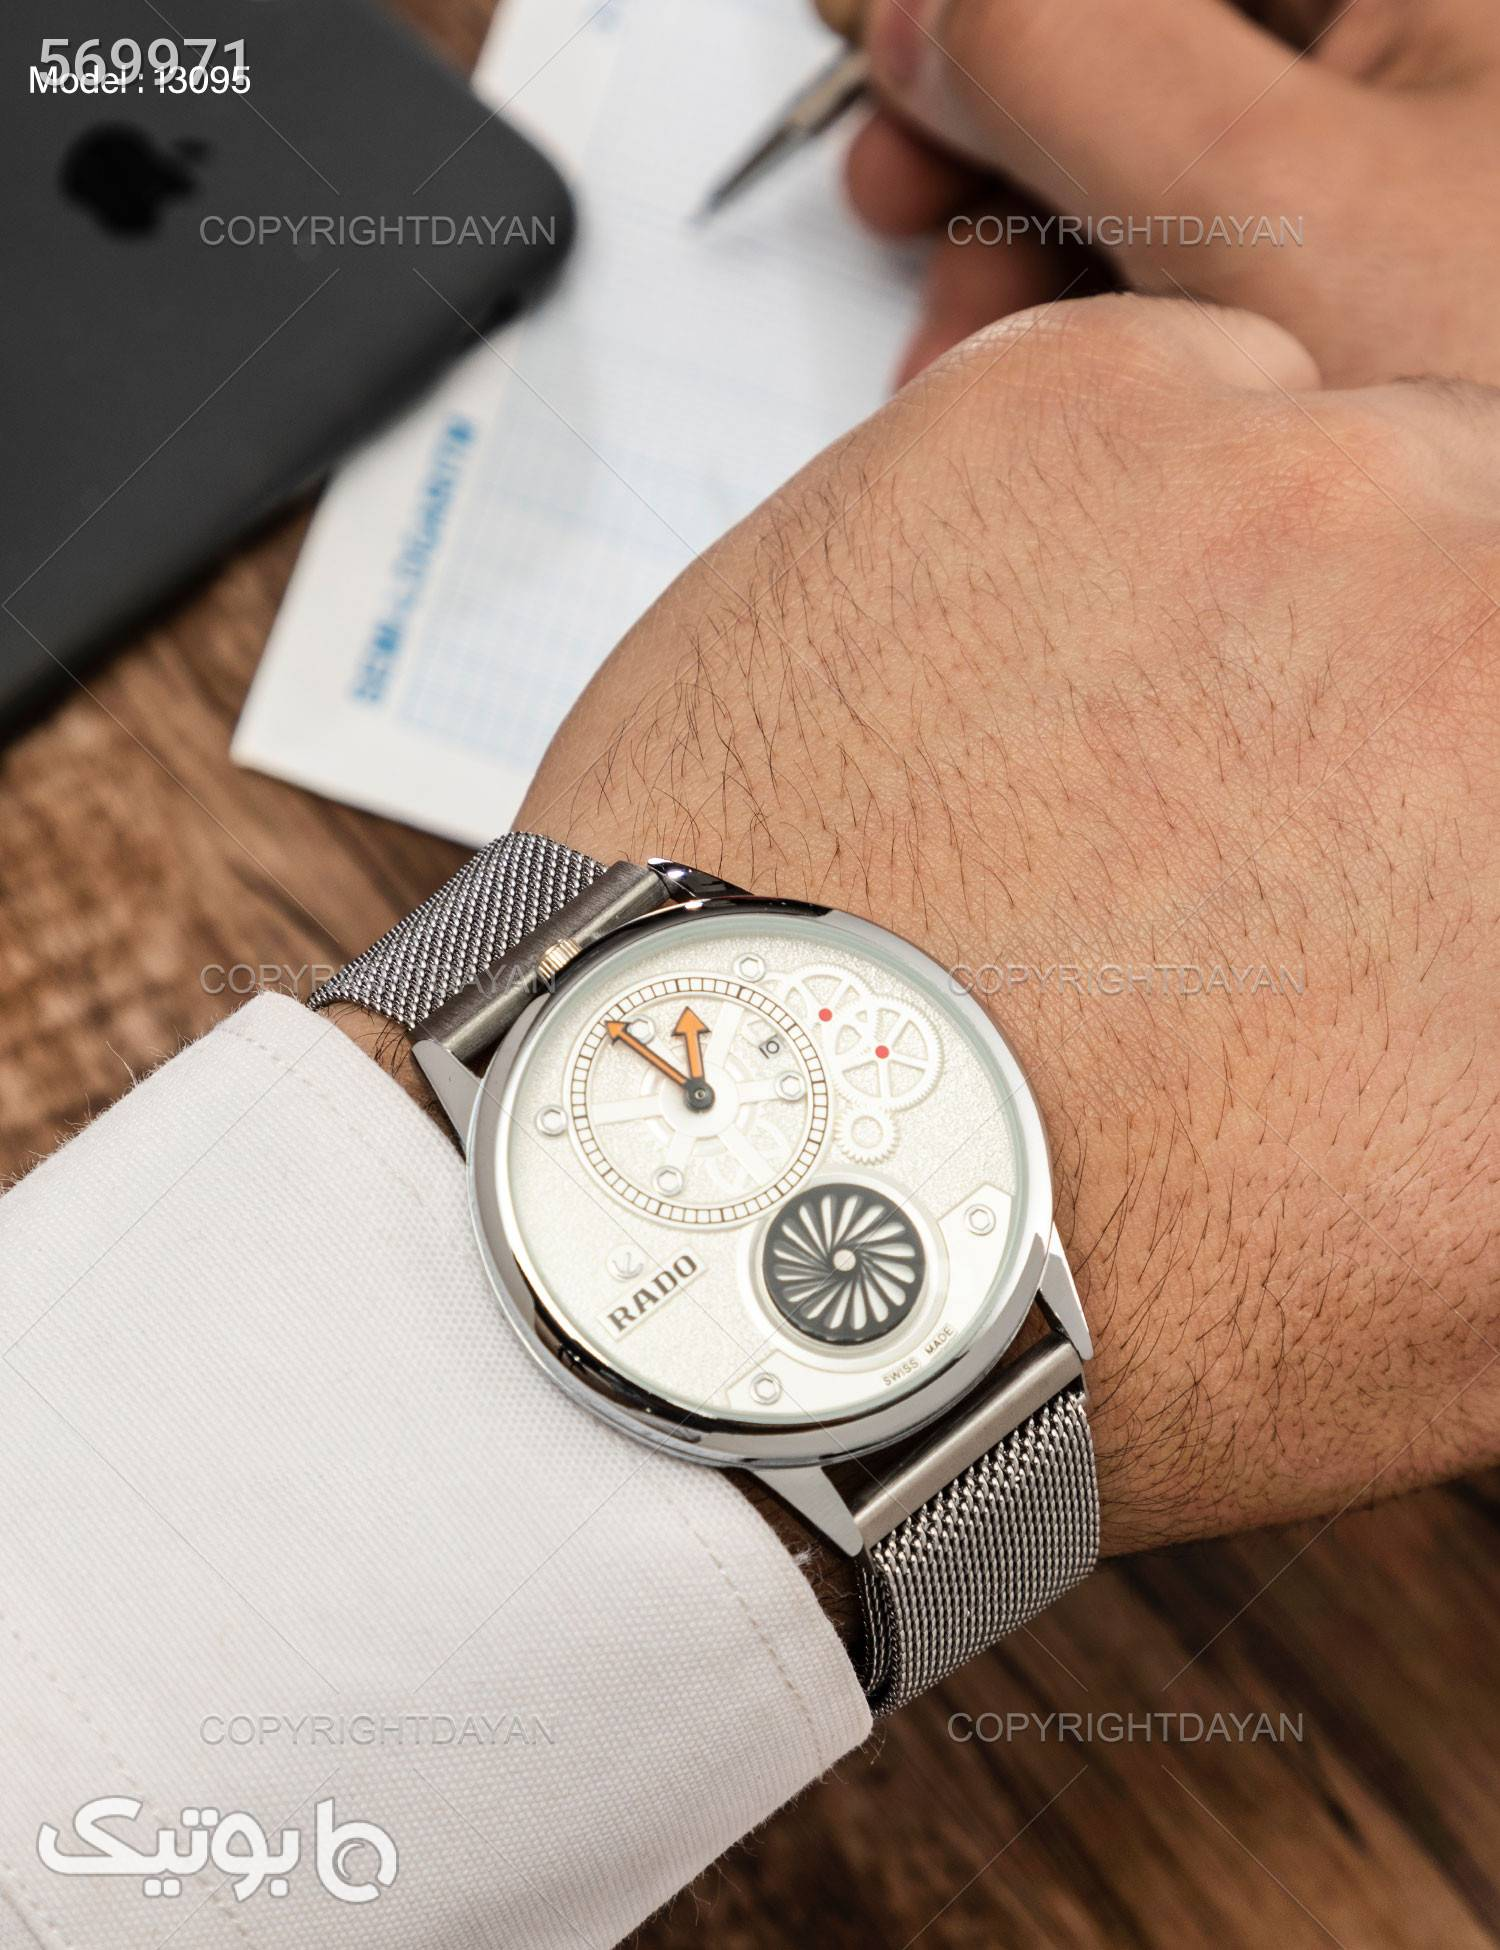 ساعت مچی مردانه Rado مدل 13095 نقره ای ساعت